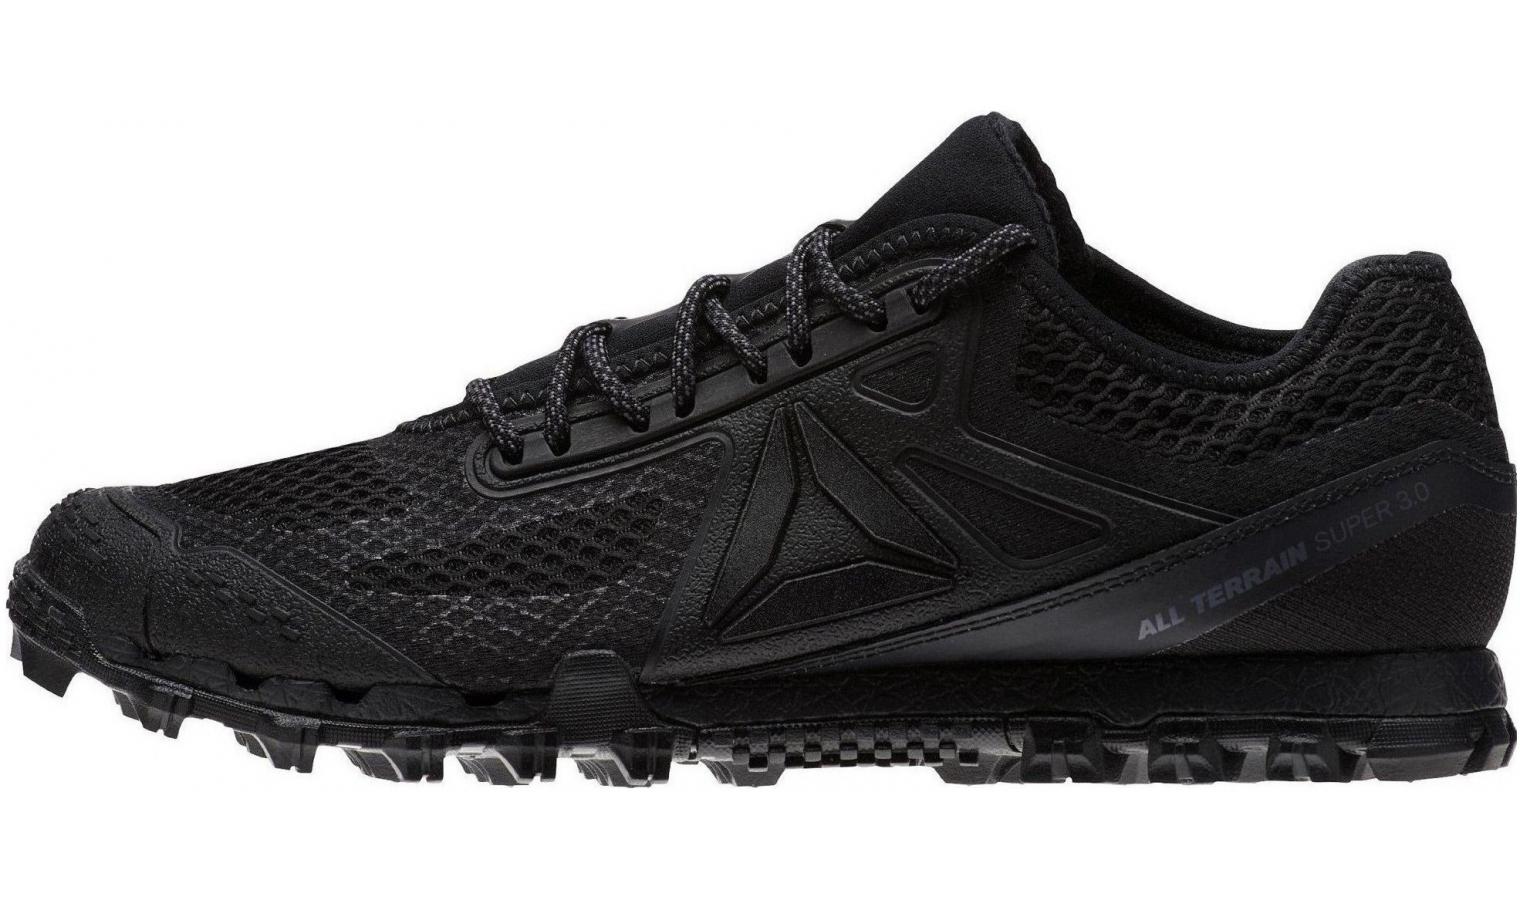 ... Pánske bežecké topánky Reebok AT SUPER 3.0 STEALTH čierne. Zľava 715e7dcb7d9